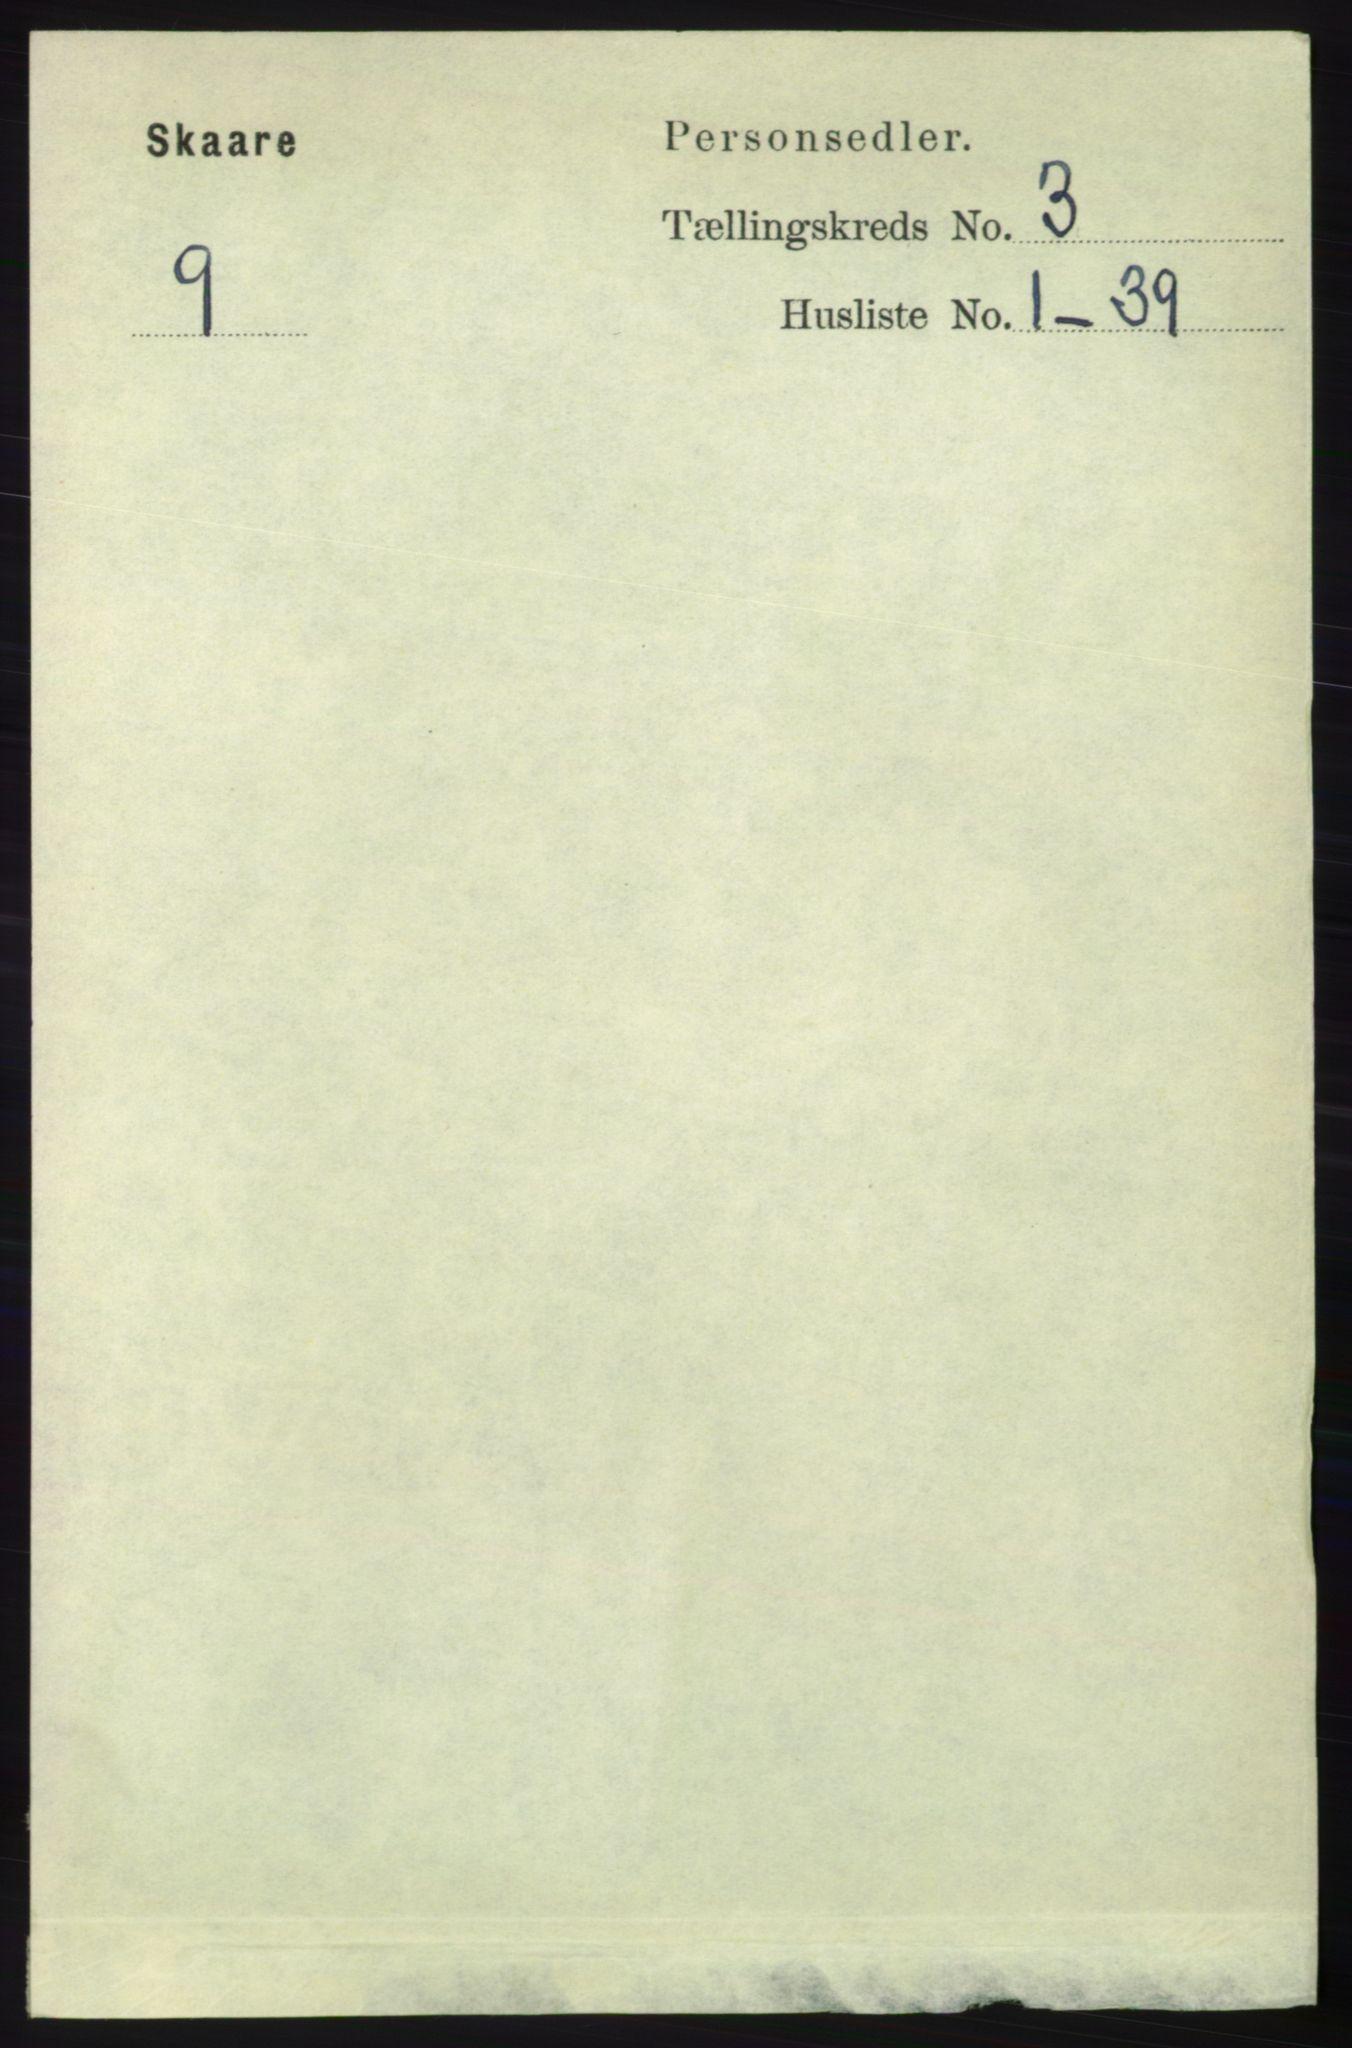 RA, Folketelling 1891 for 1153 Skåre herred, 1891, s. 1114